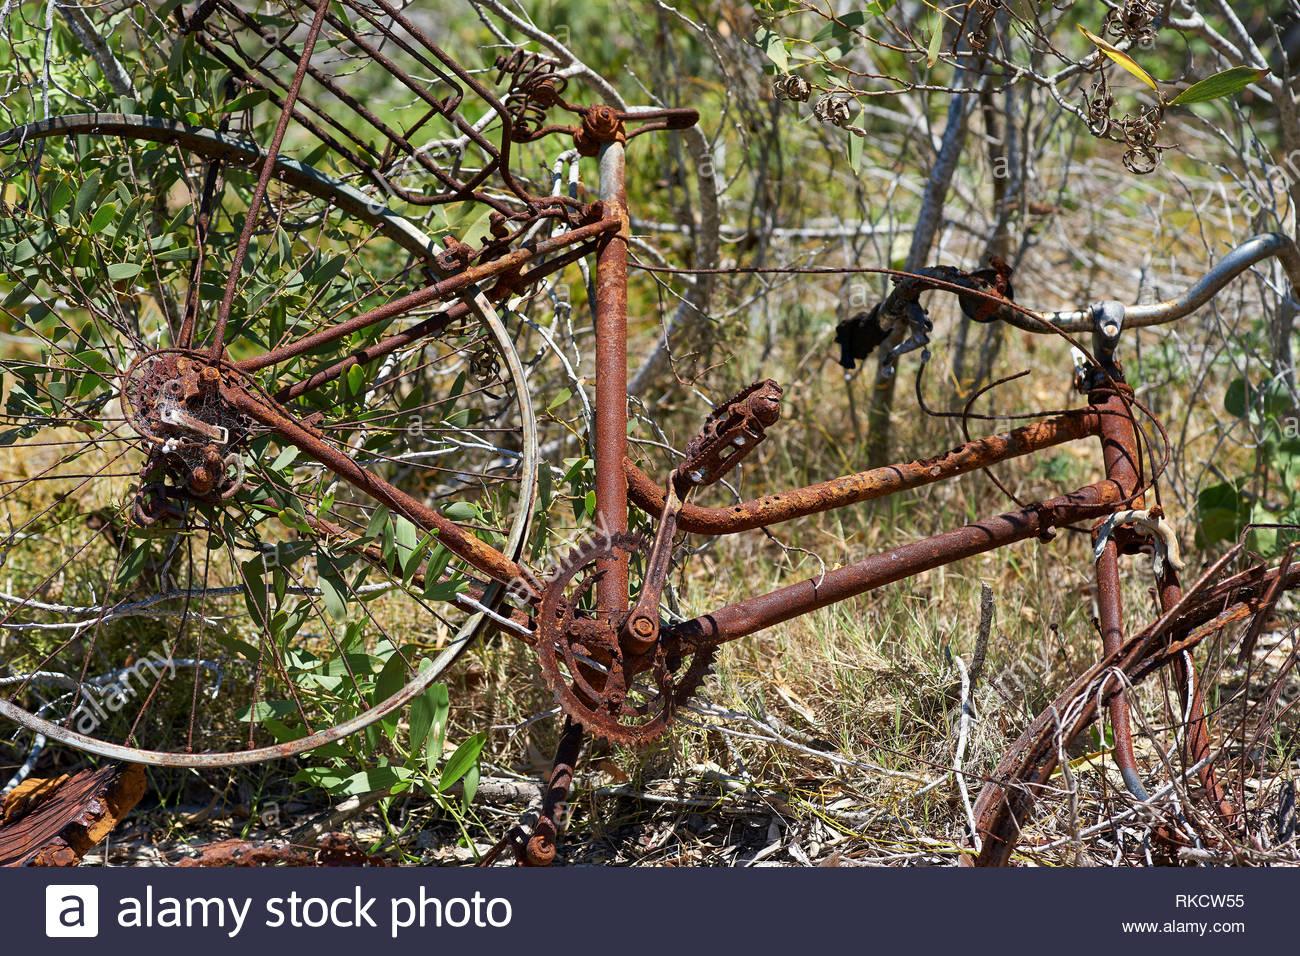 Un vieux et négligé, cassée et Rusty mesdames location, suspendu par la flore côtière grandir à travers elle, la corrosion dans le rude environnement salé. Banque D'Images